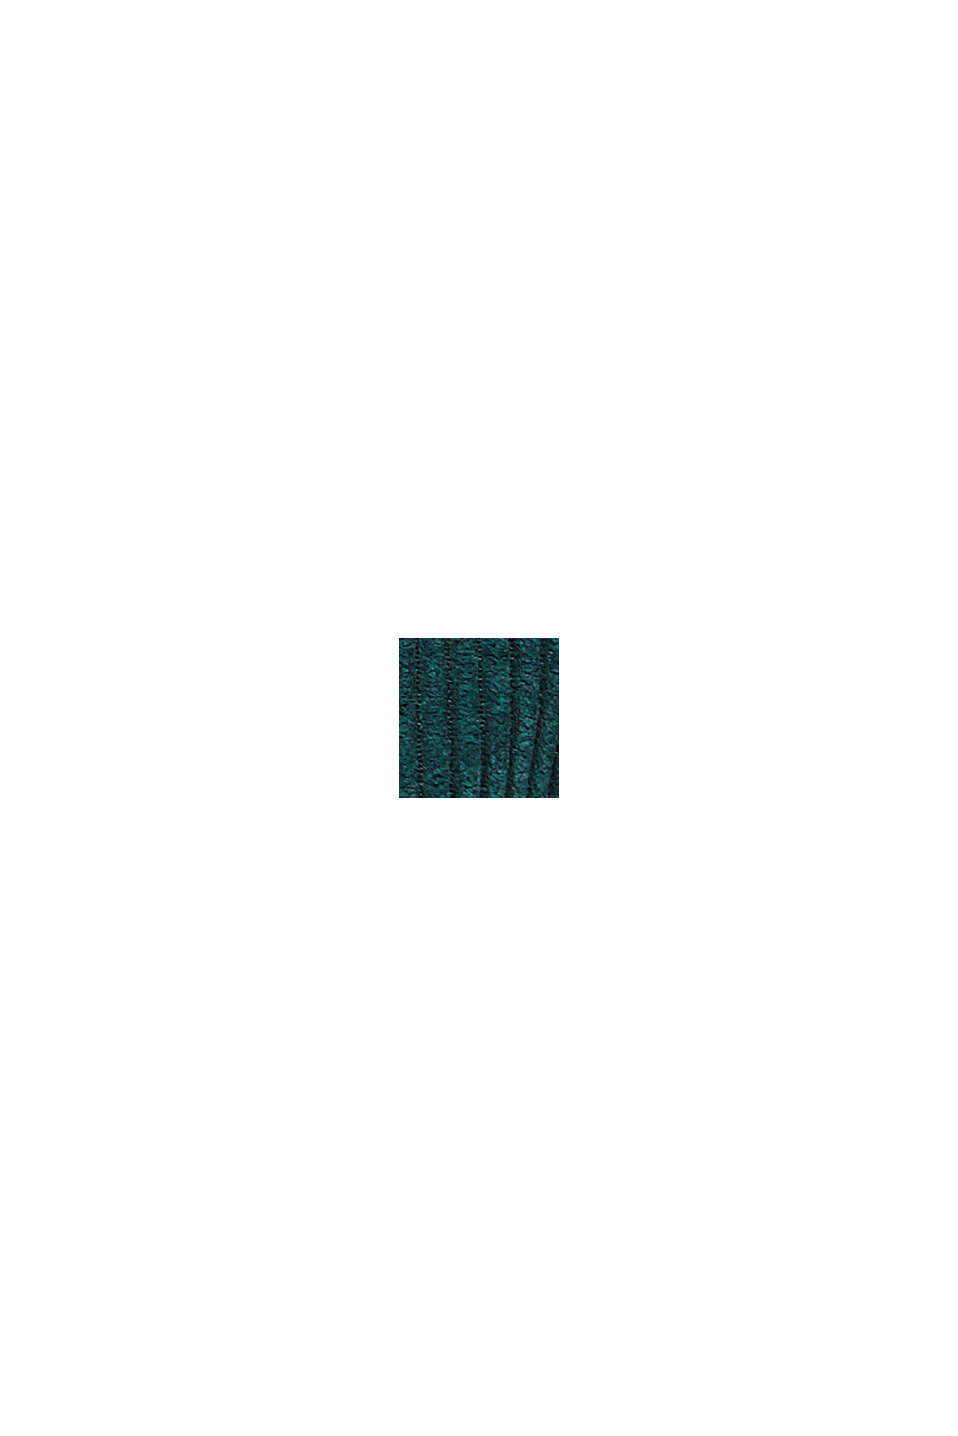 In materiale riciclato: minigonna in velluto con abbottonatura, DARK TEAL GREEN, swatch